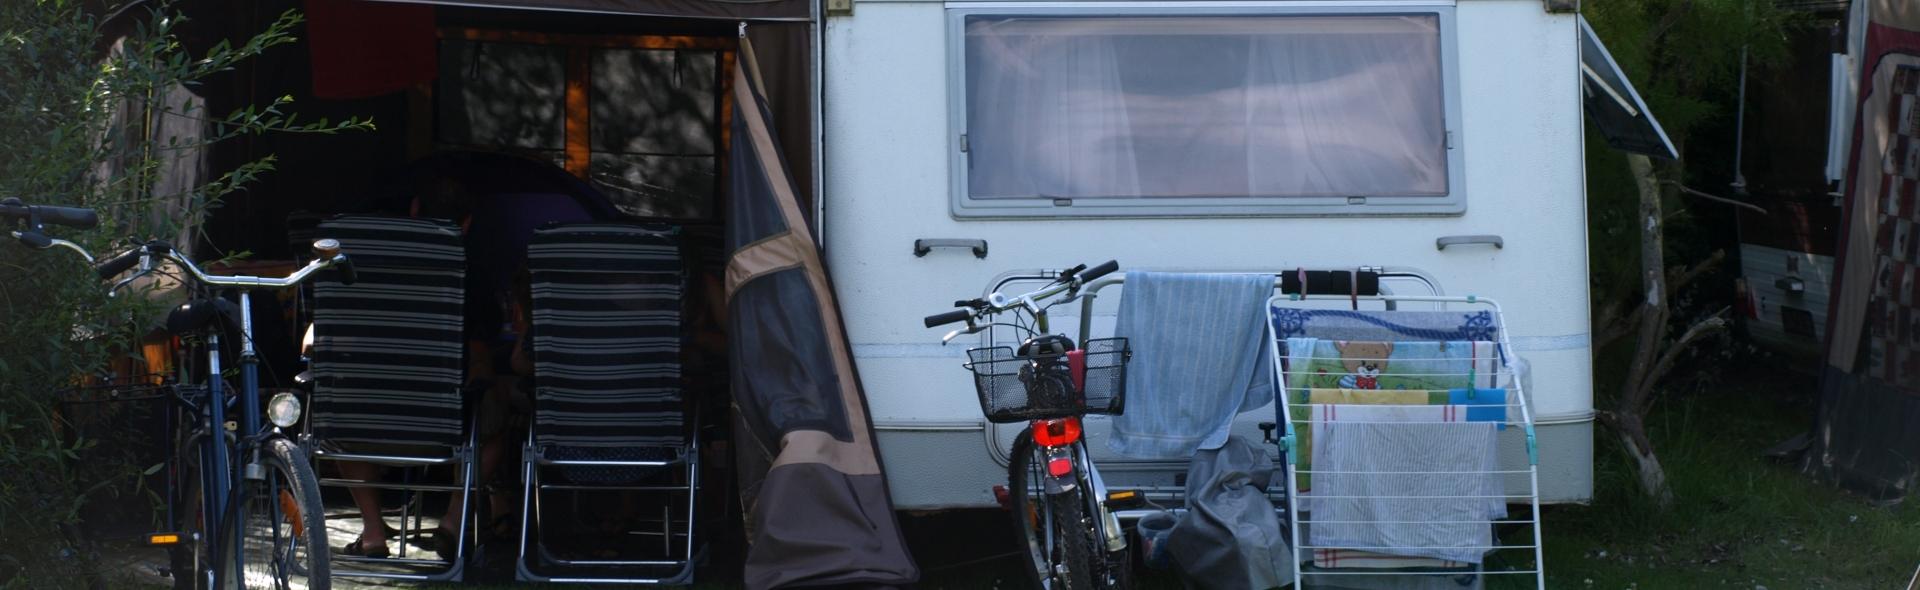 camping près de lille